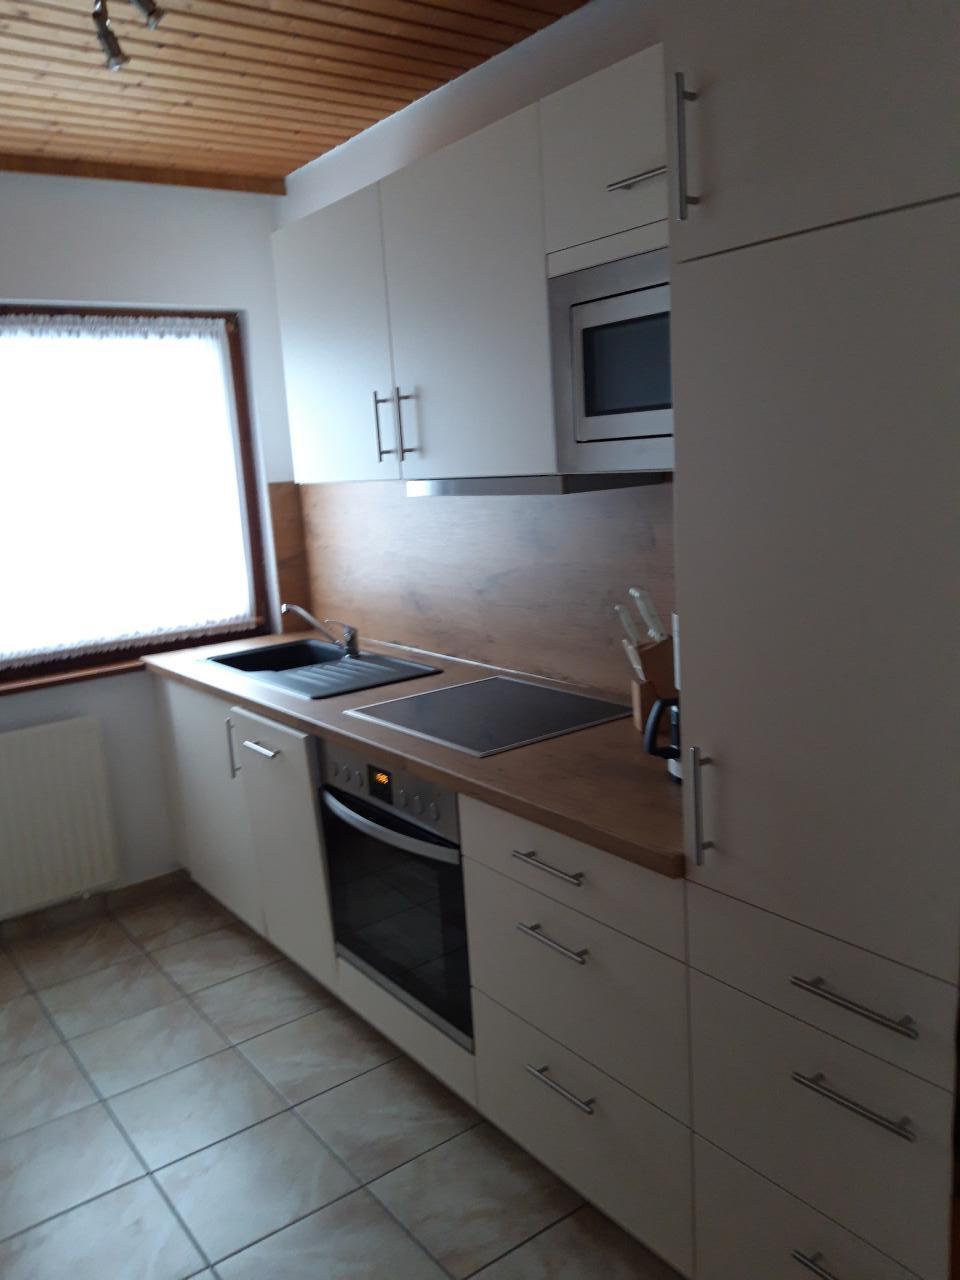 Ferienhaus / Bungalow 15 neu renoviert für 4-6 Personen in der Rhön Residence Bungalows (757460), Dipperz, Rhön (Hessen), Hessen, Deutschland, Bild 15